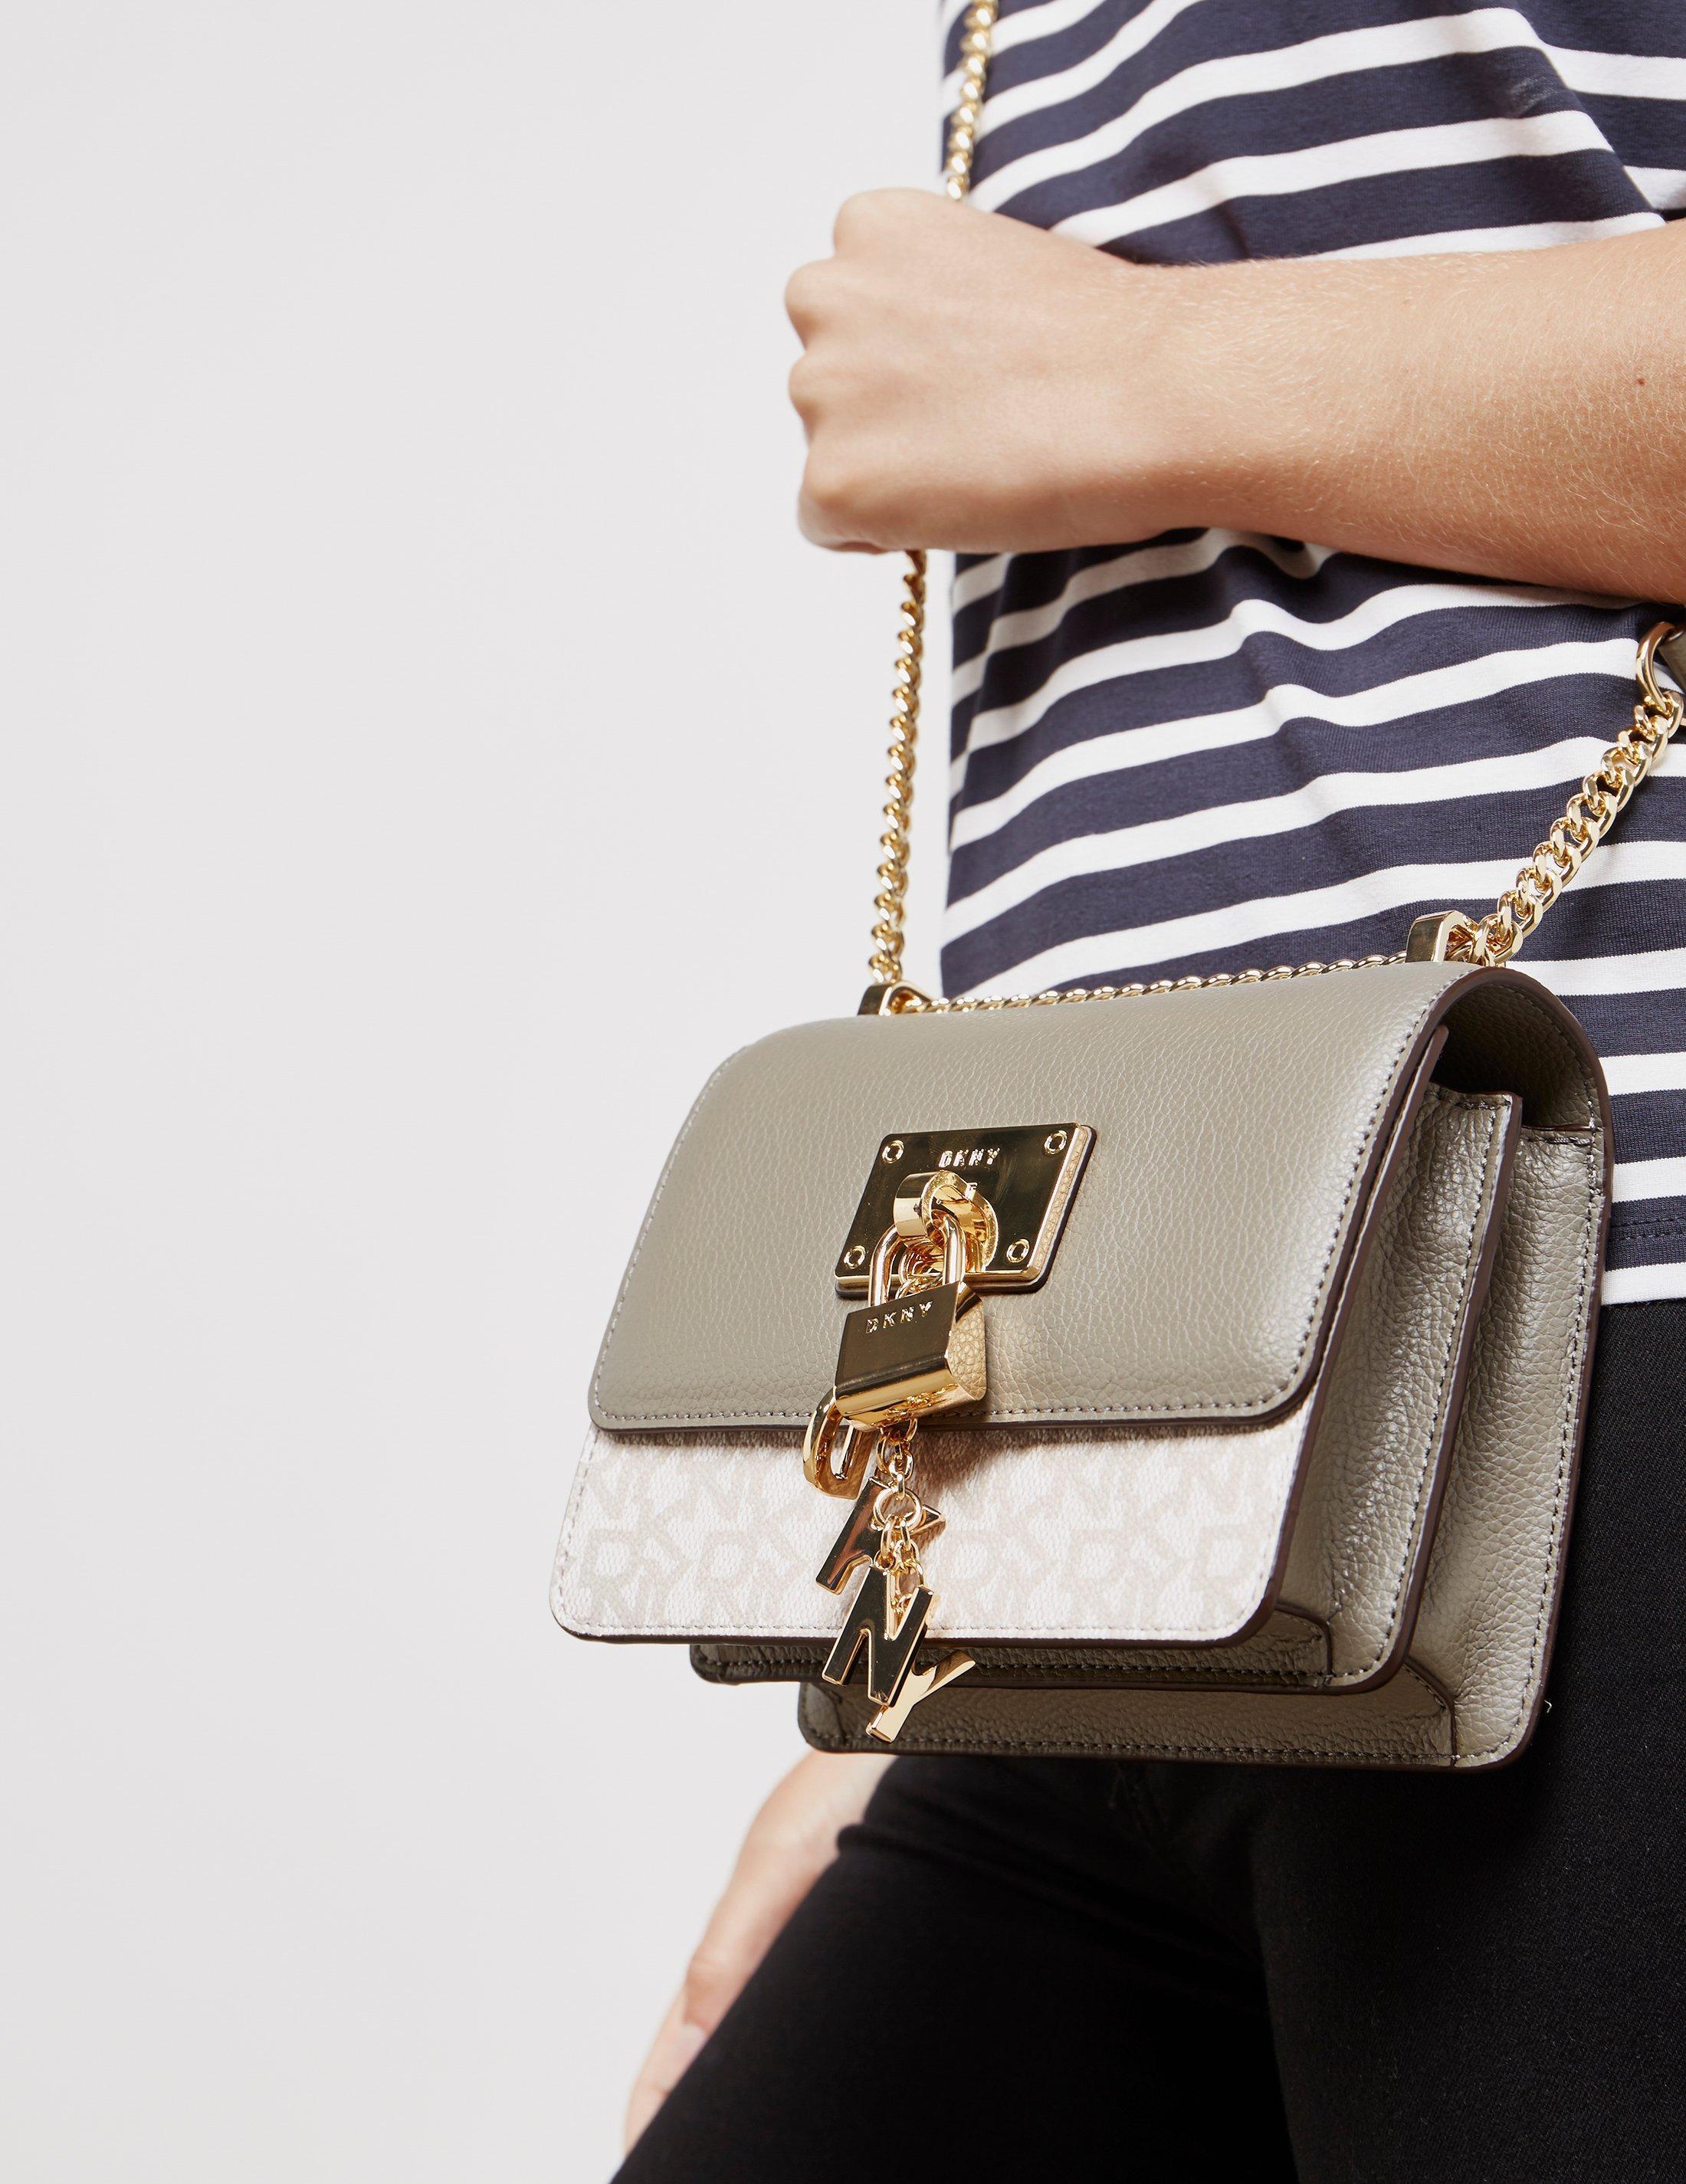 Lyst - DKNY Womens Elsa Print Crossbody Bag - Online Exclusive Grey ... 8643a851fcb2d